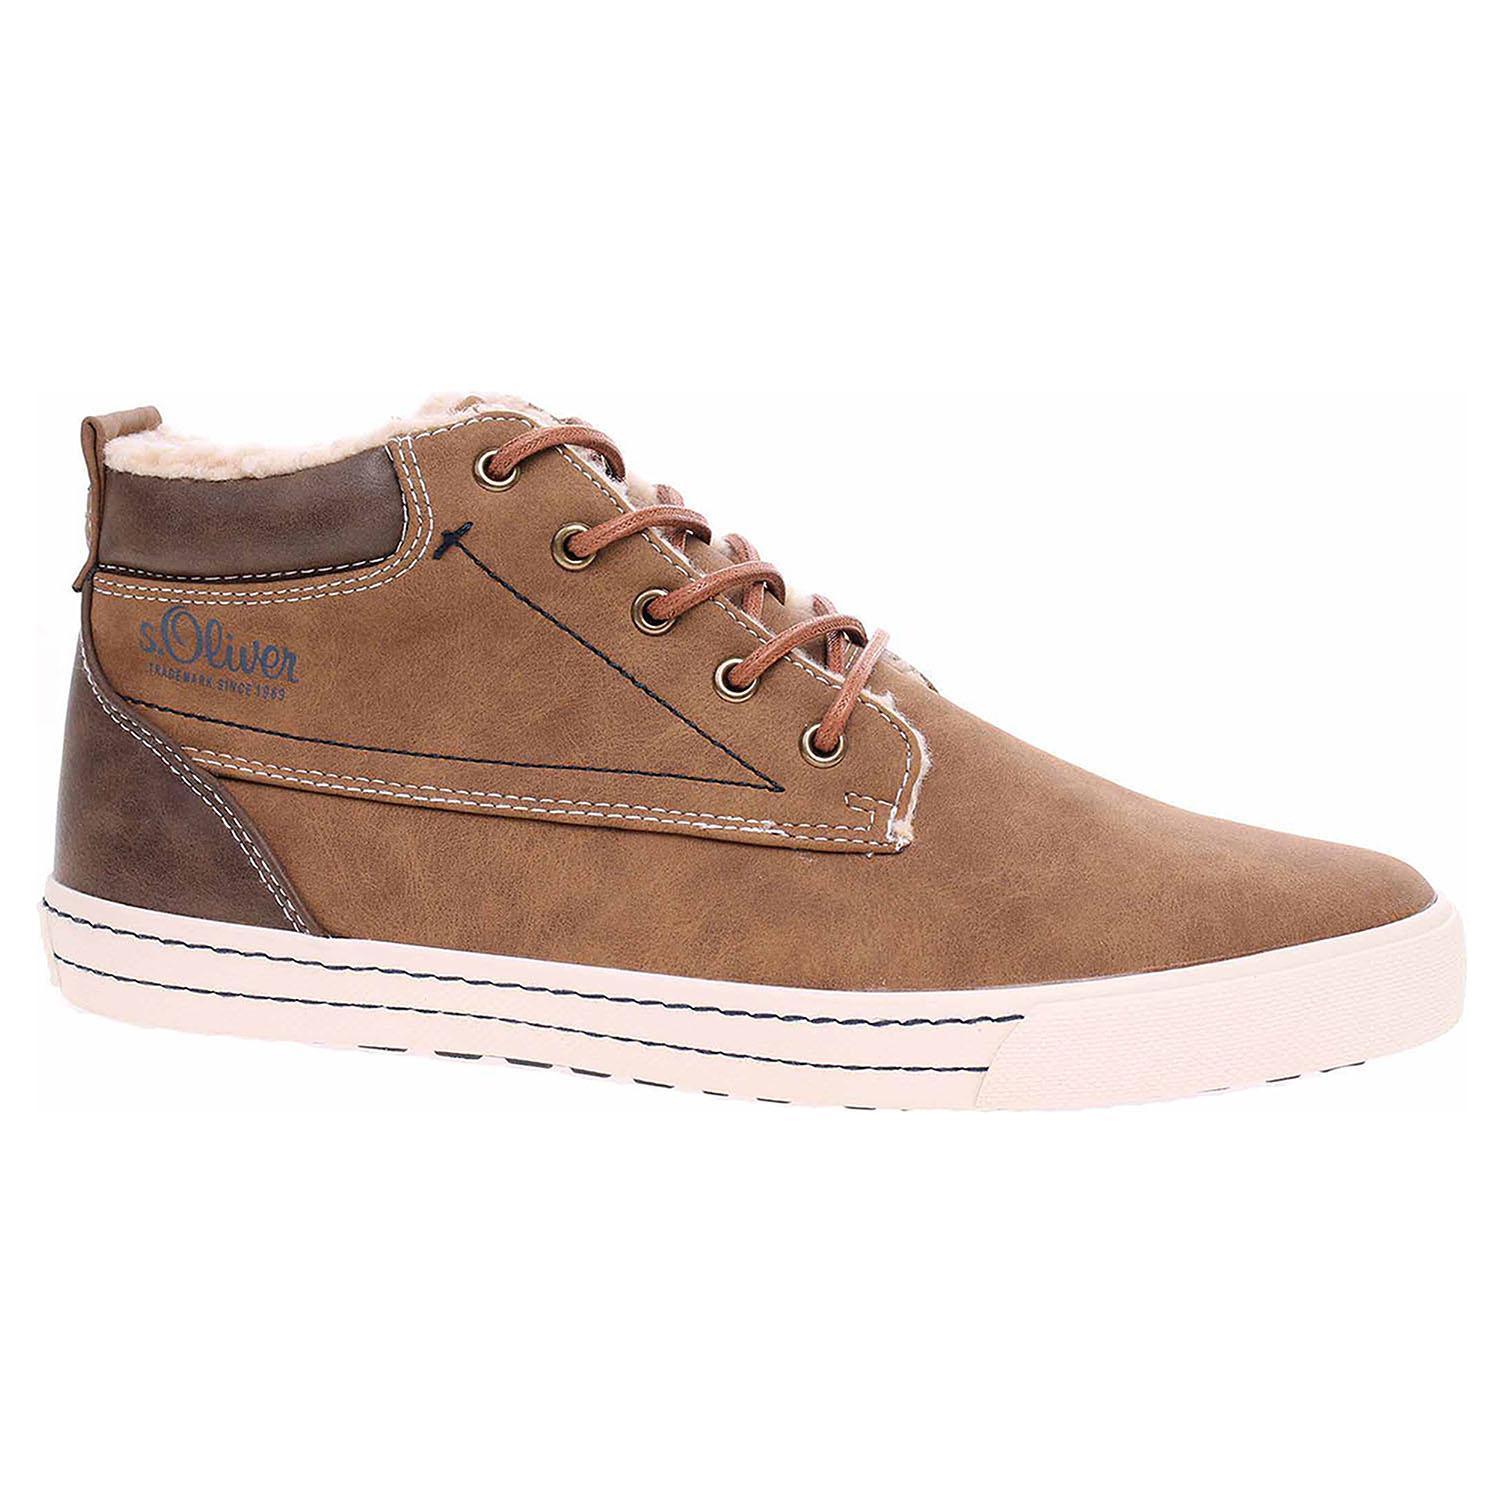 Pánská kotníková obuv s.Oliver 5-16206-21 cognac 5-5-16206-21 305 41